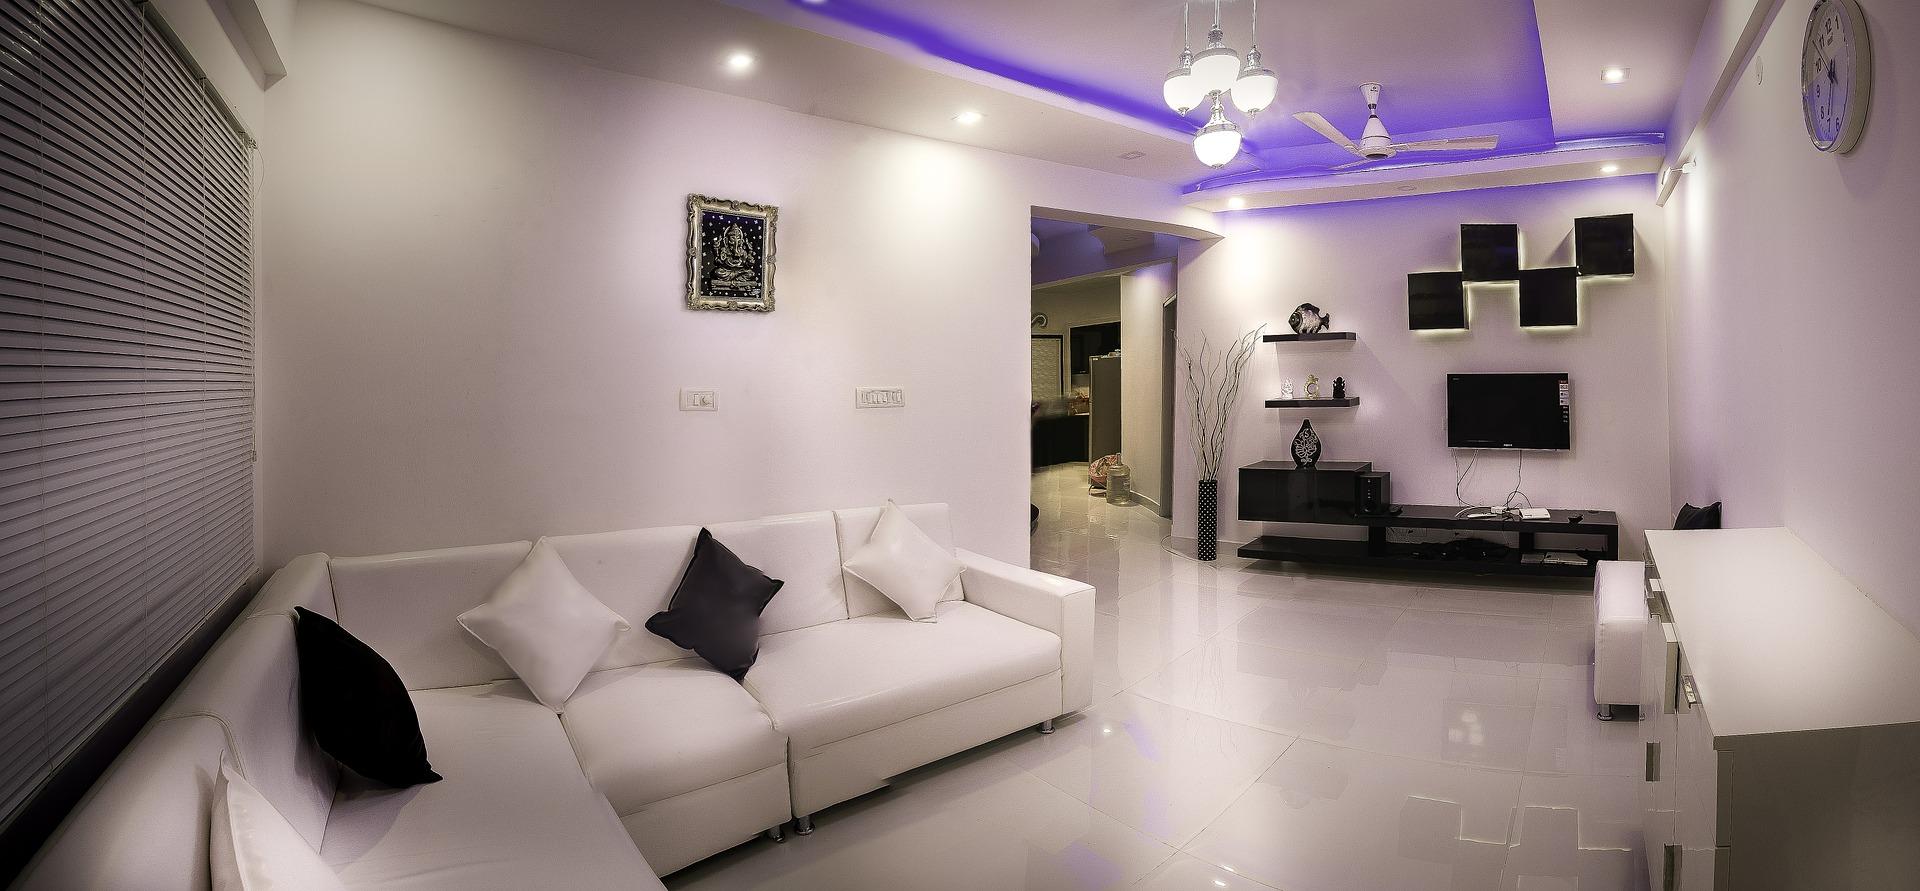 Das Zuhause Ins Richtige Licht Rücken Wie Kleine Räume Größer Wirken